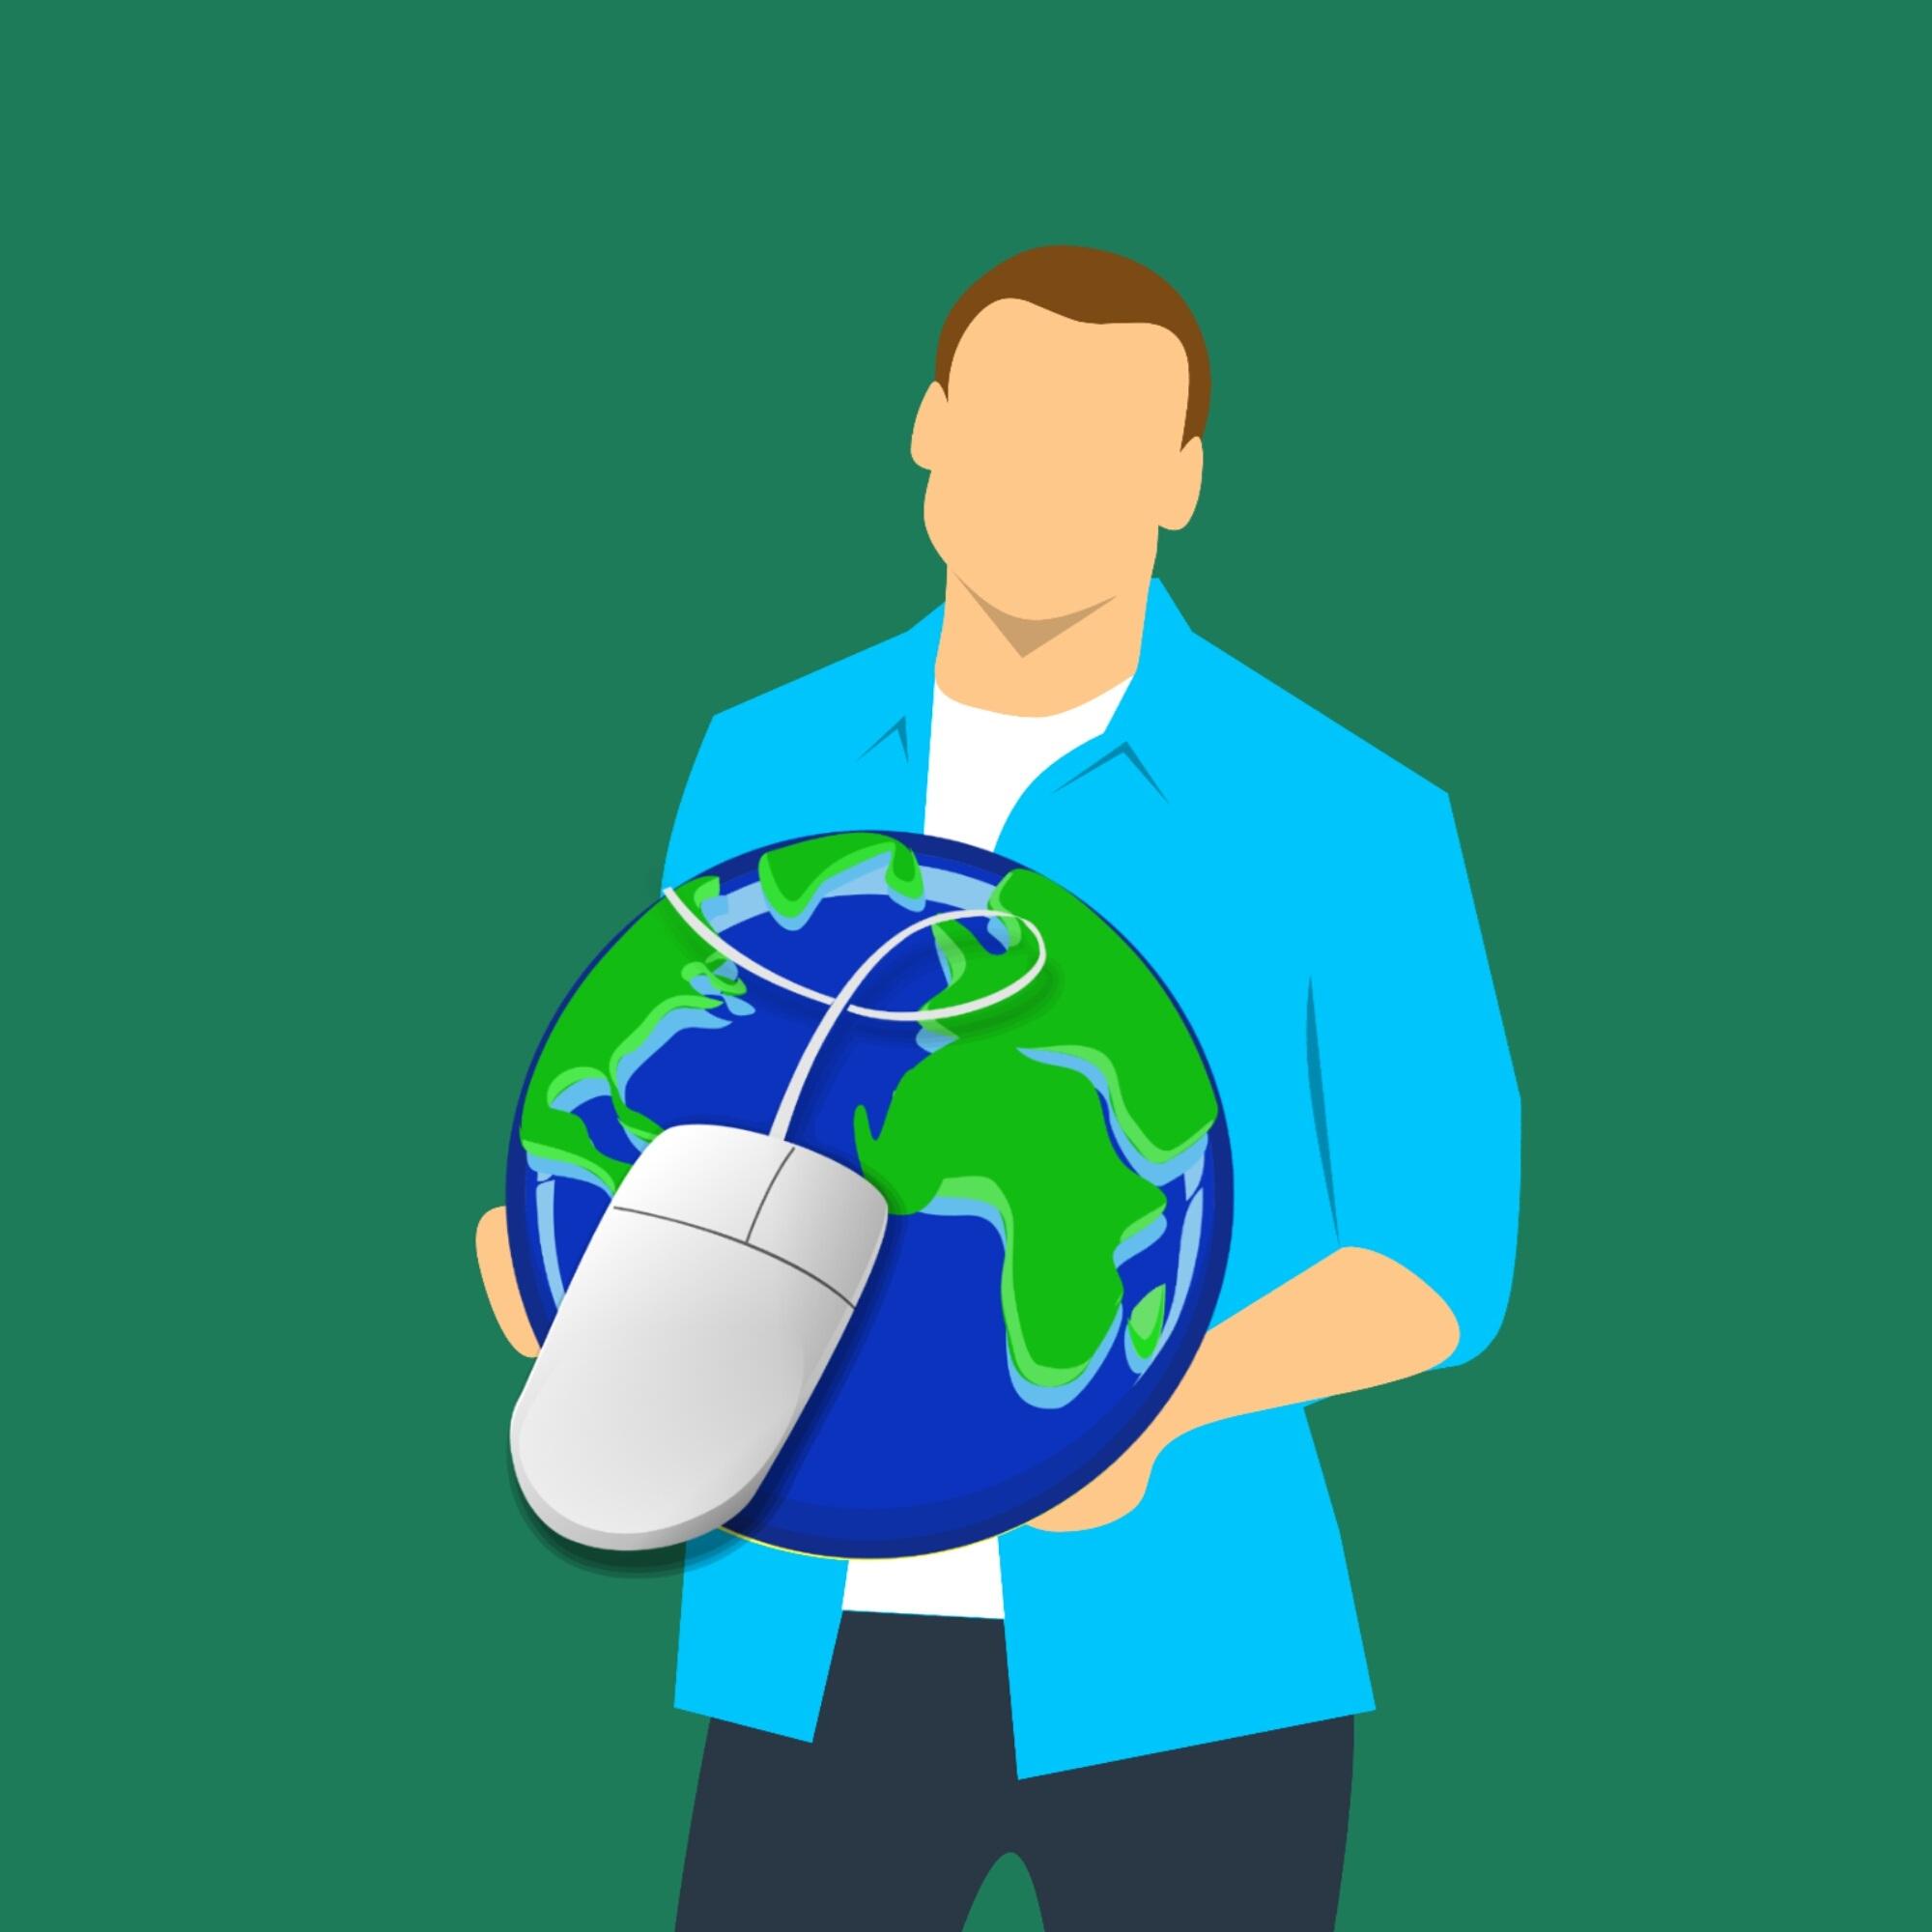 Gambar E Merce Internet Seo Pembangun Pemasaran